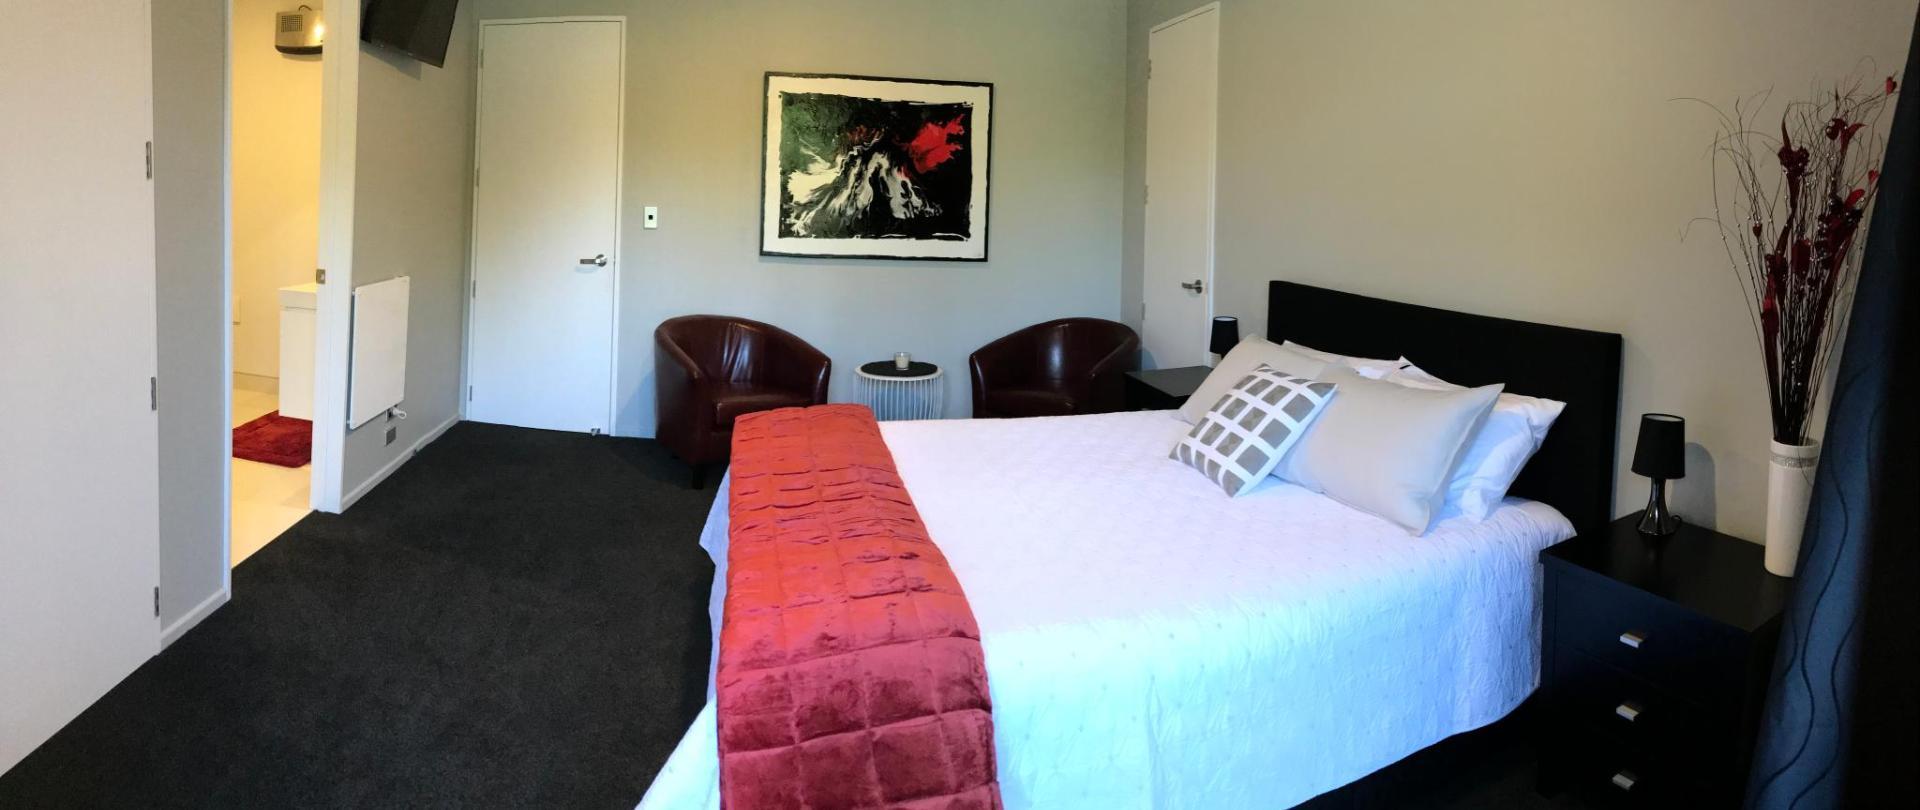 Camera degli ospiti 1